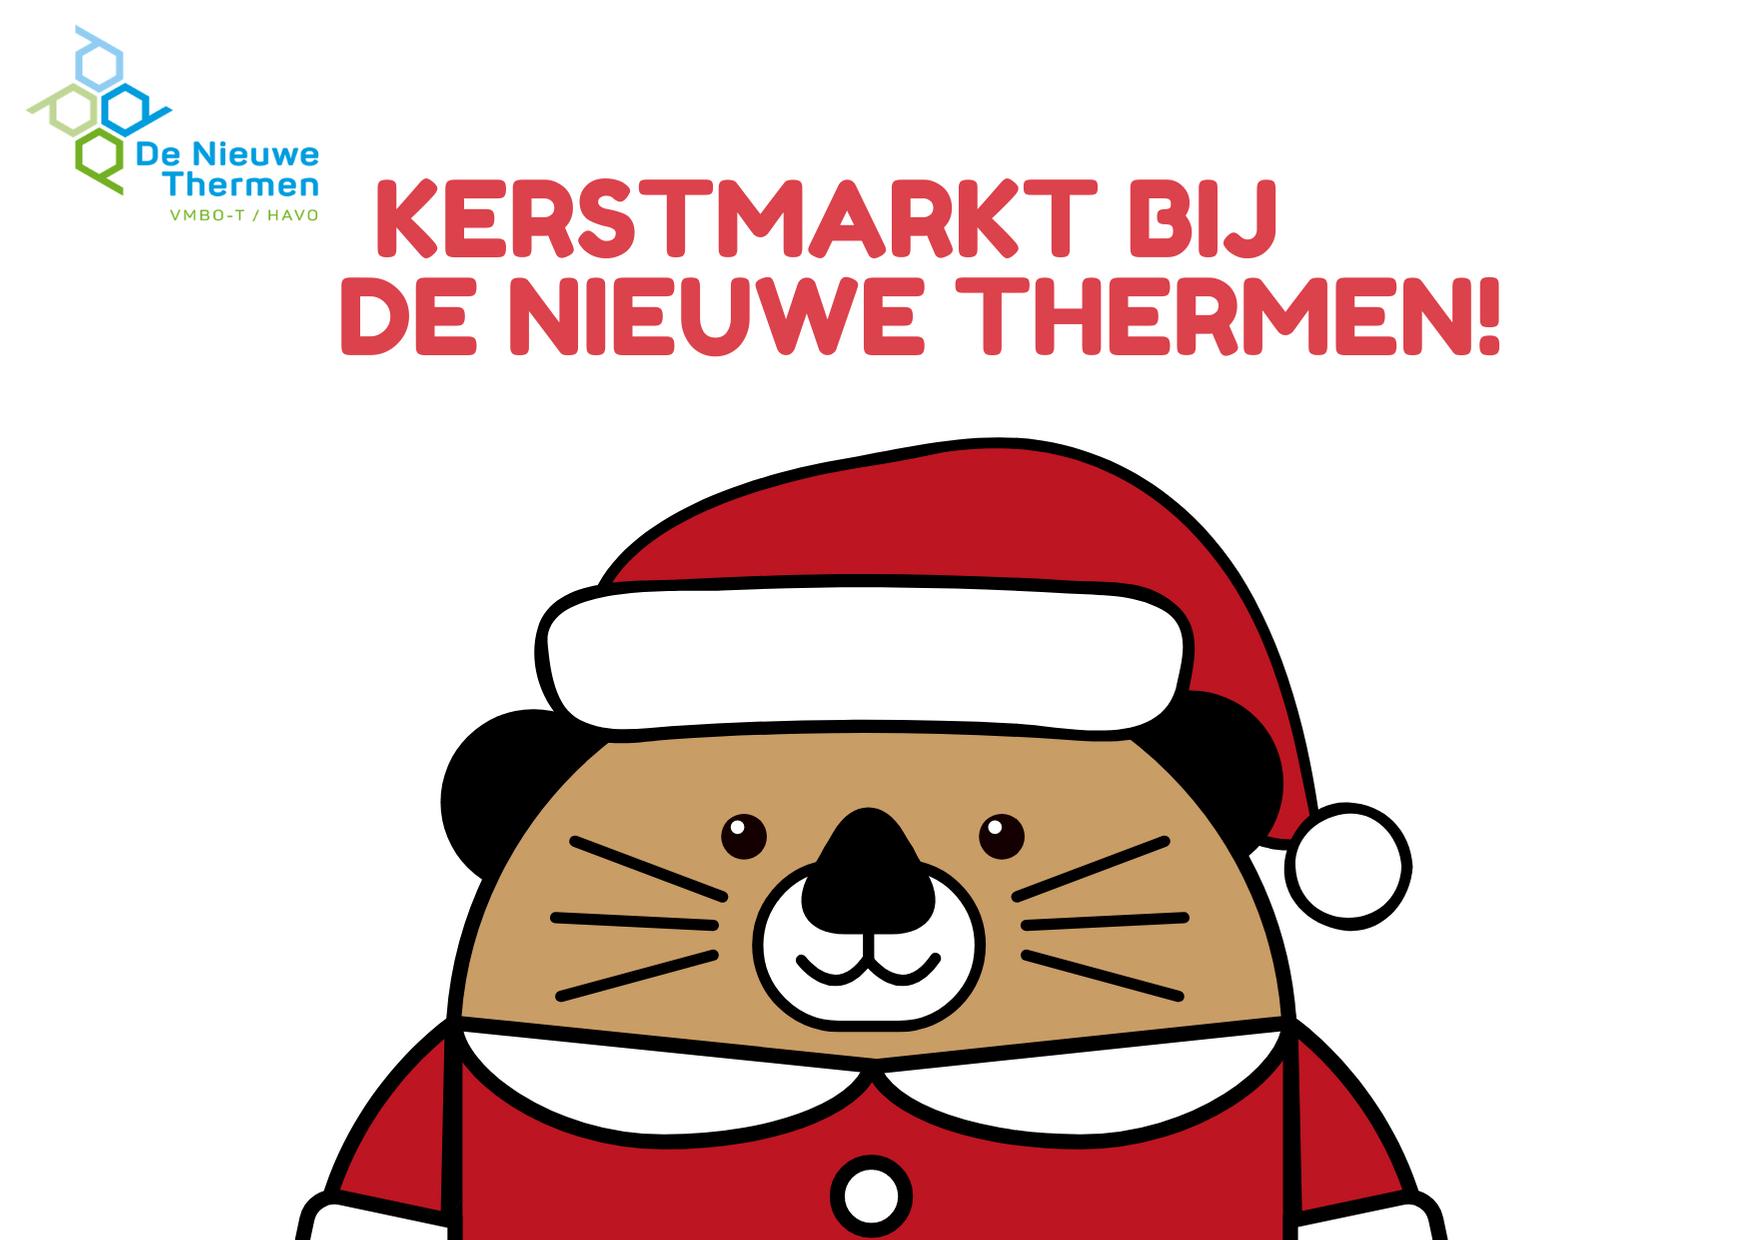 De Nieuwe Thermen kerstmarkt